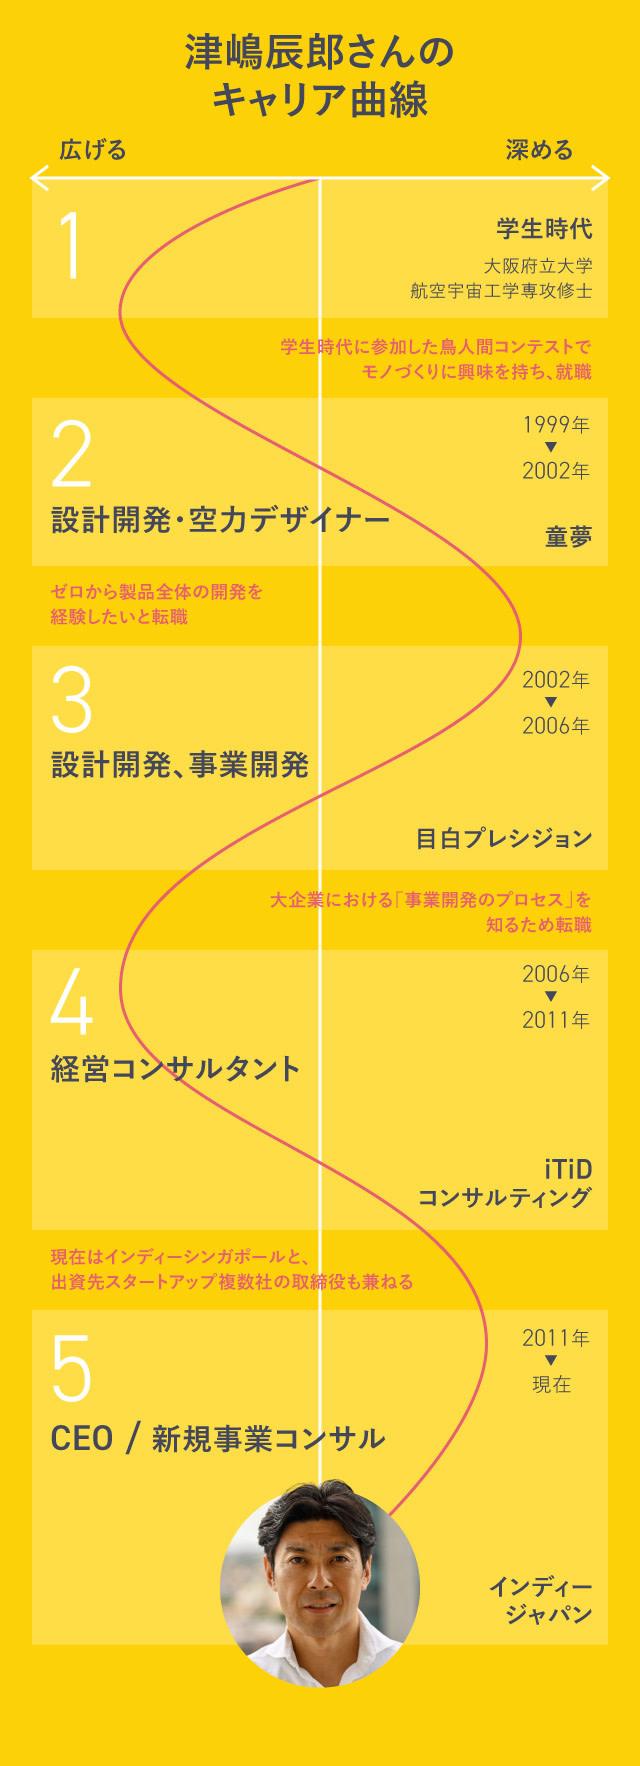 津嶋辰郎さんのキャリア曲線